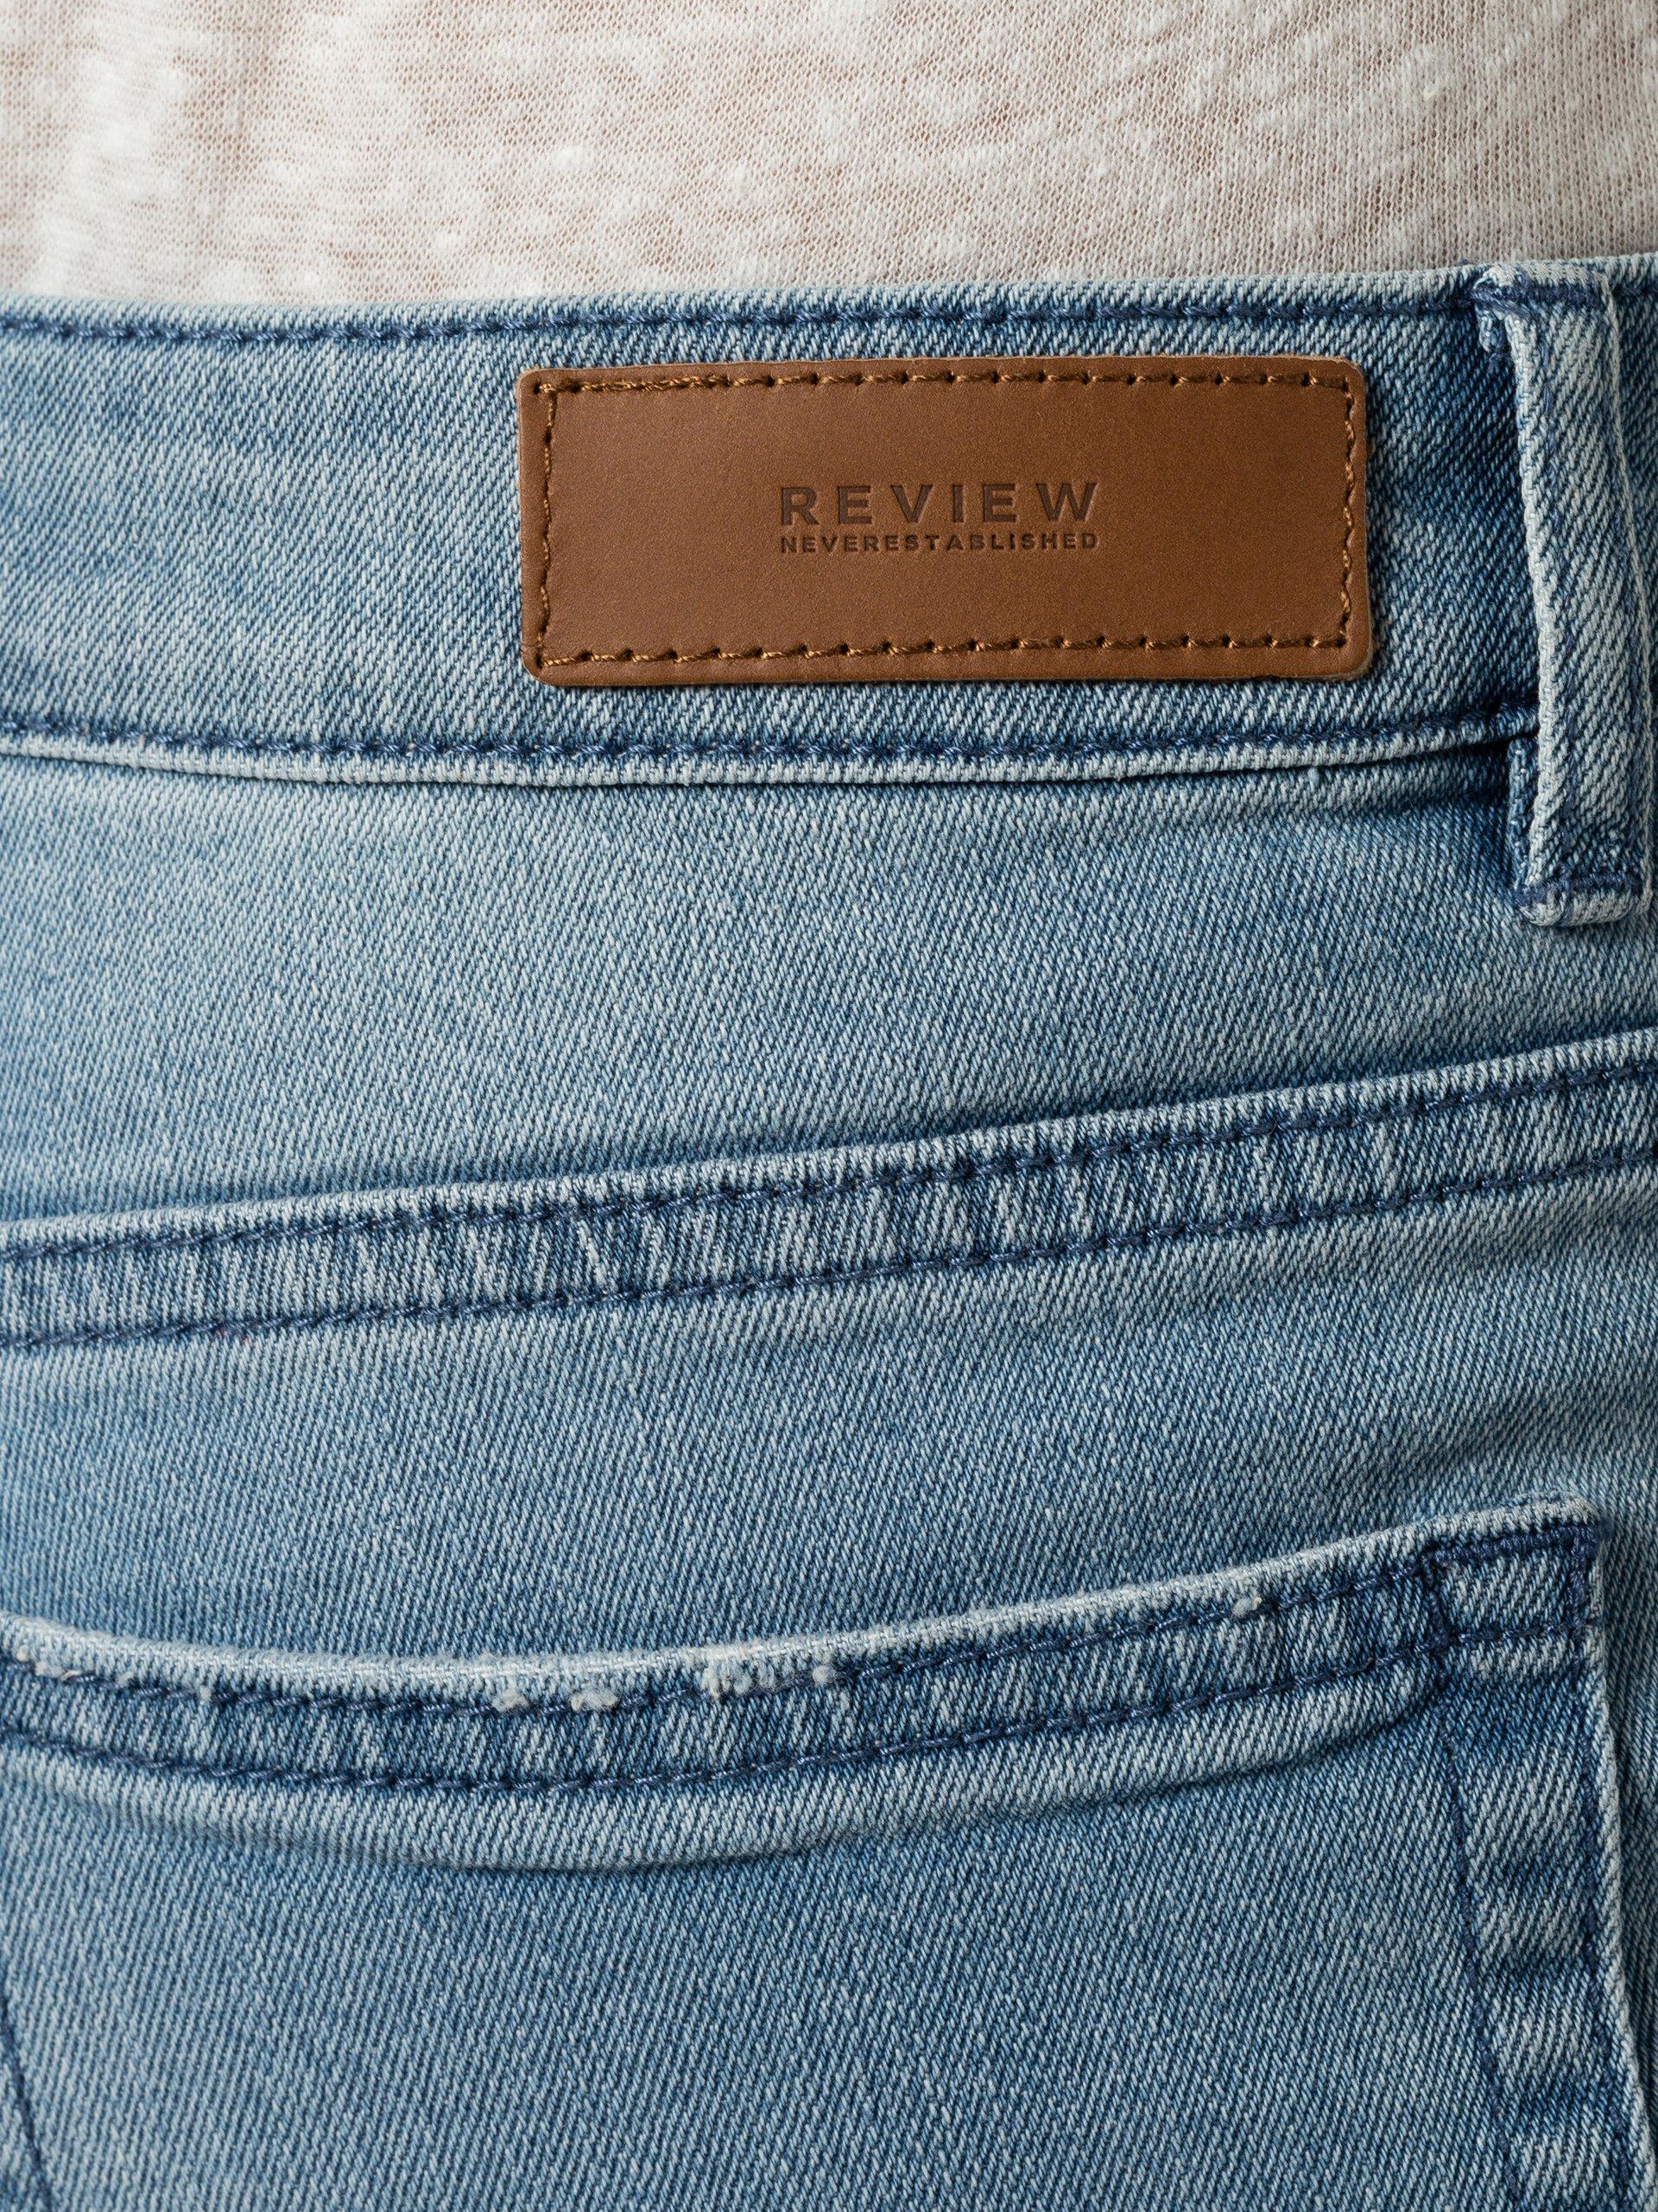 Review Damskie krótkie spodenki jeansowe